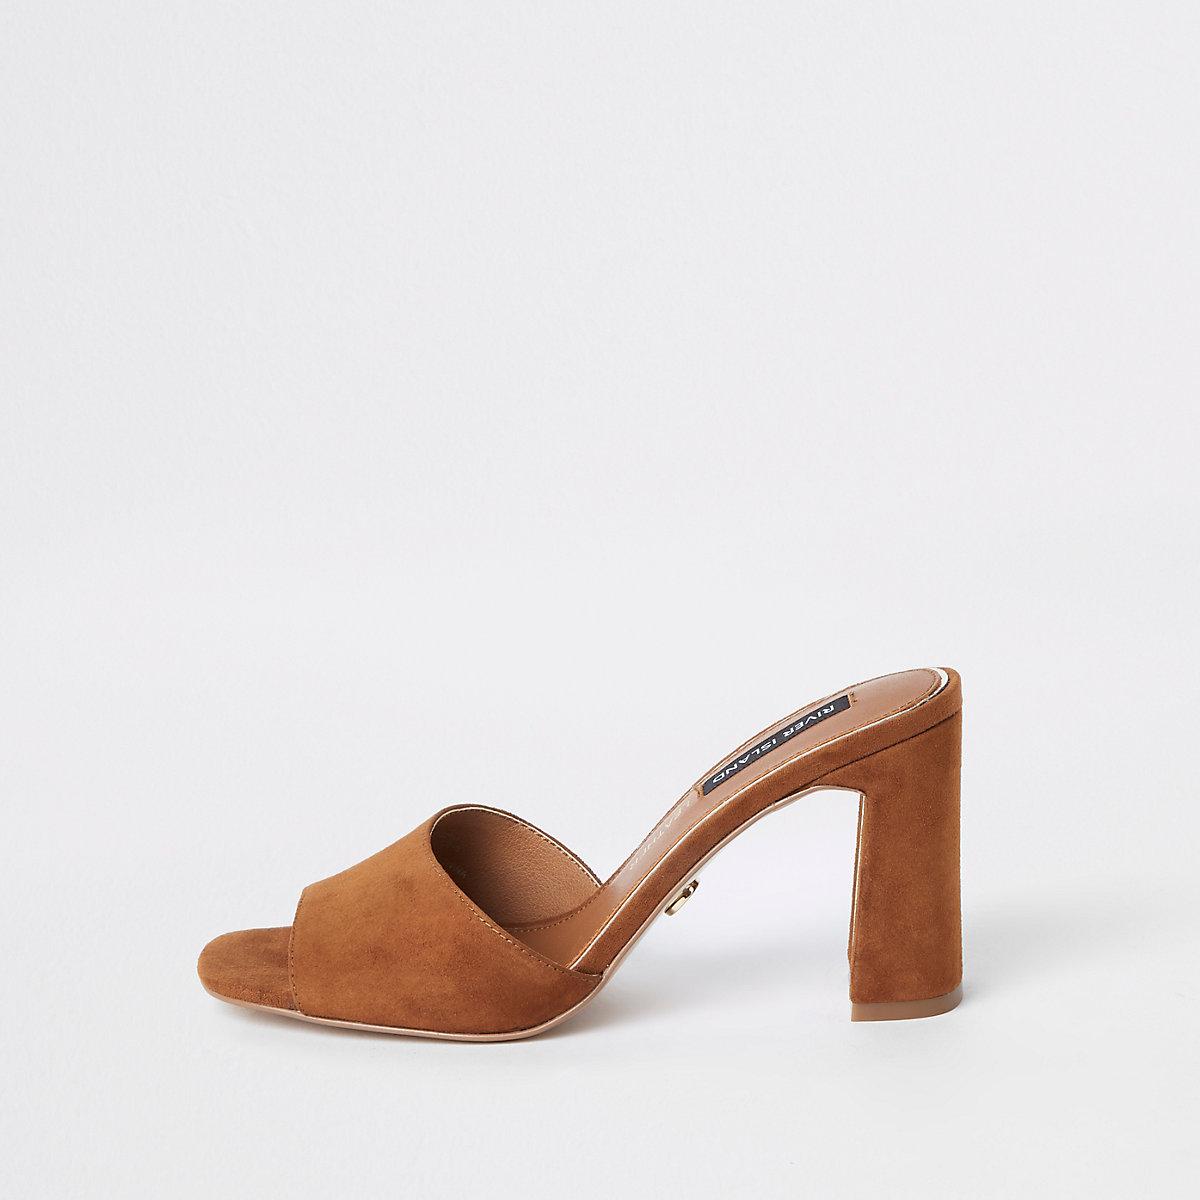 Brown suede  heel mule sandals